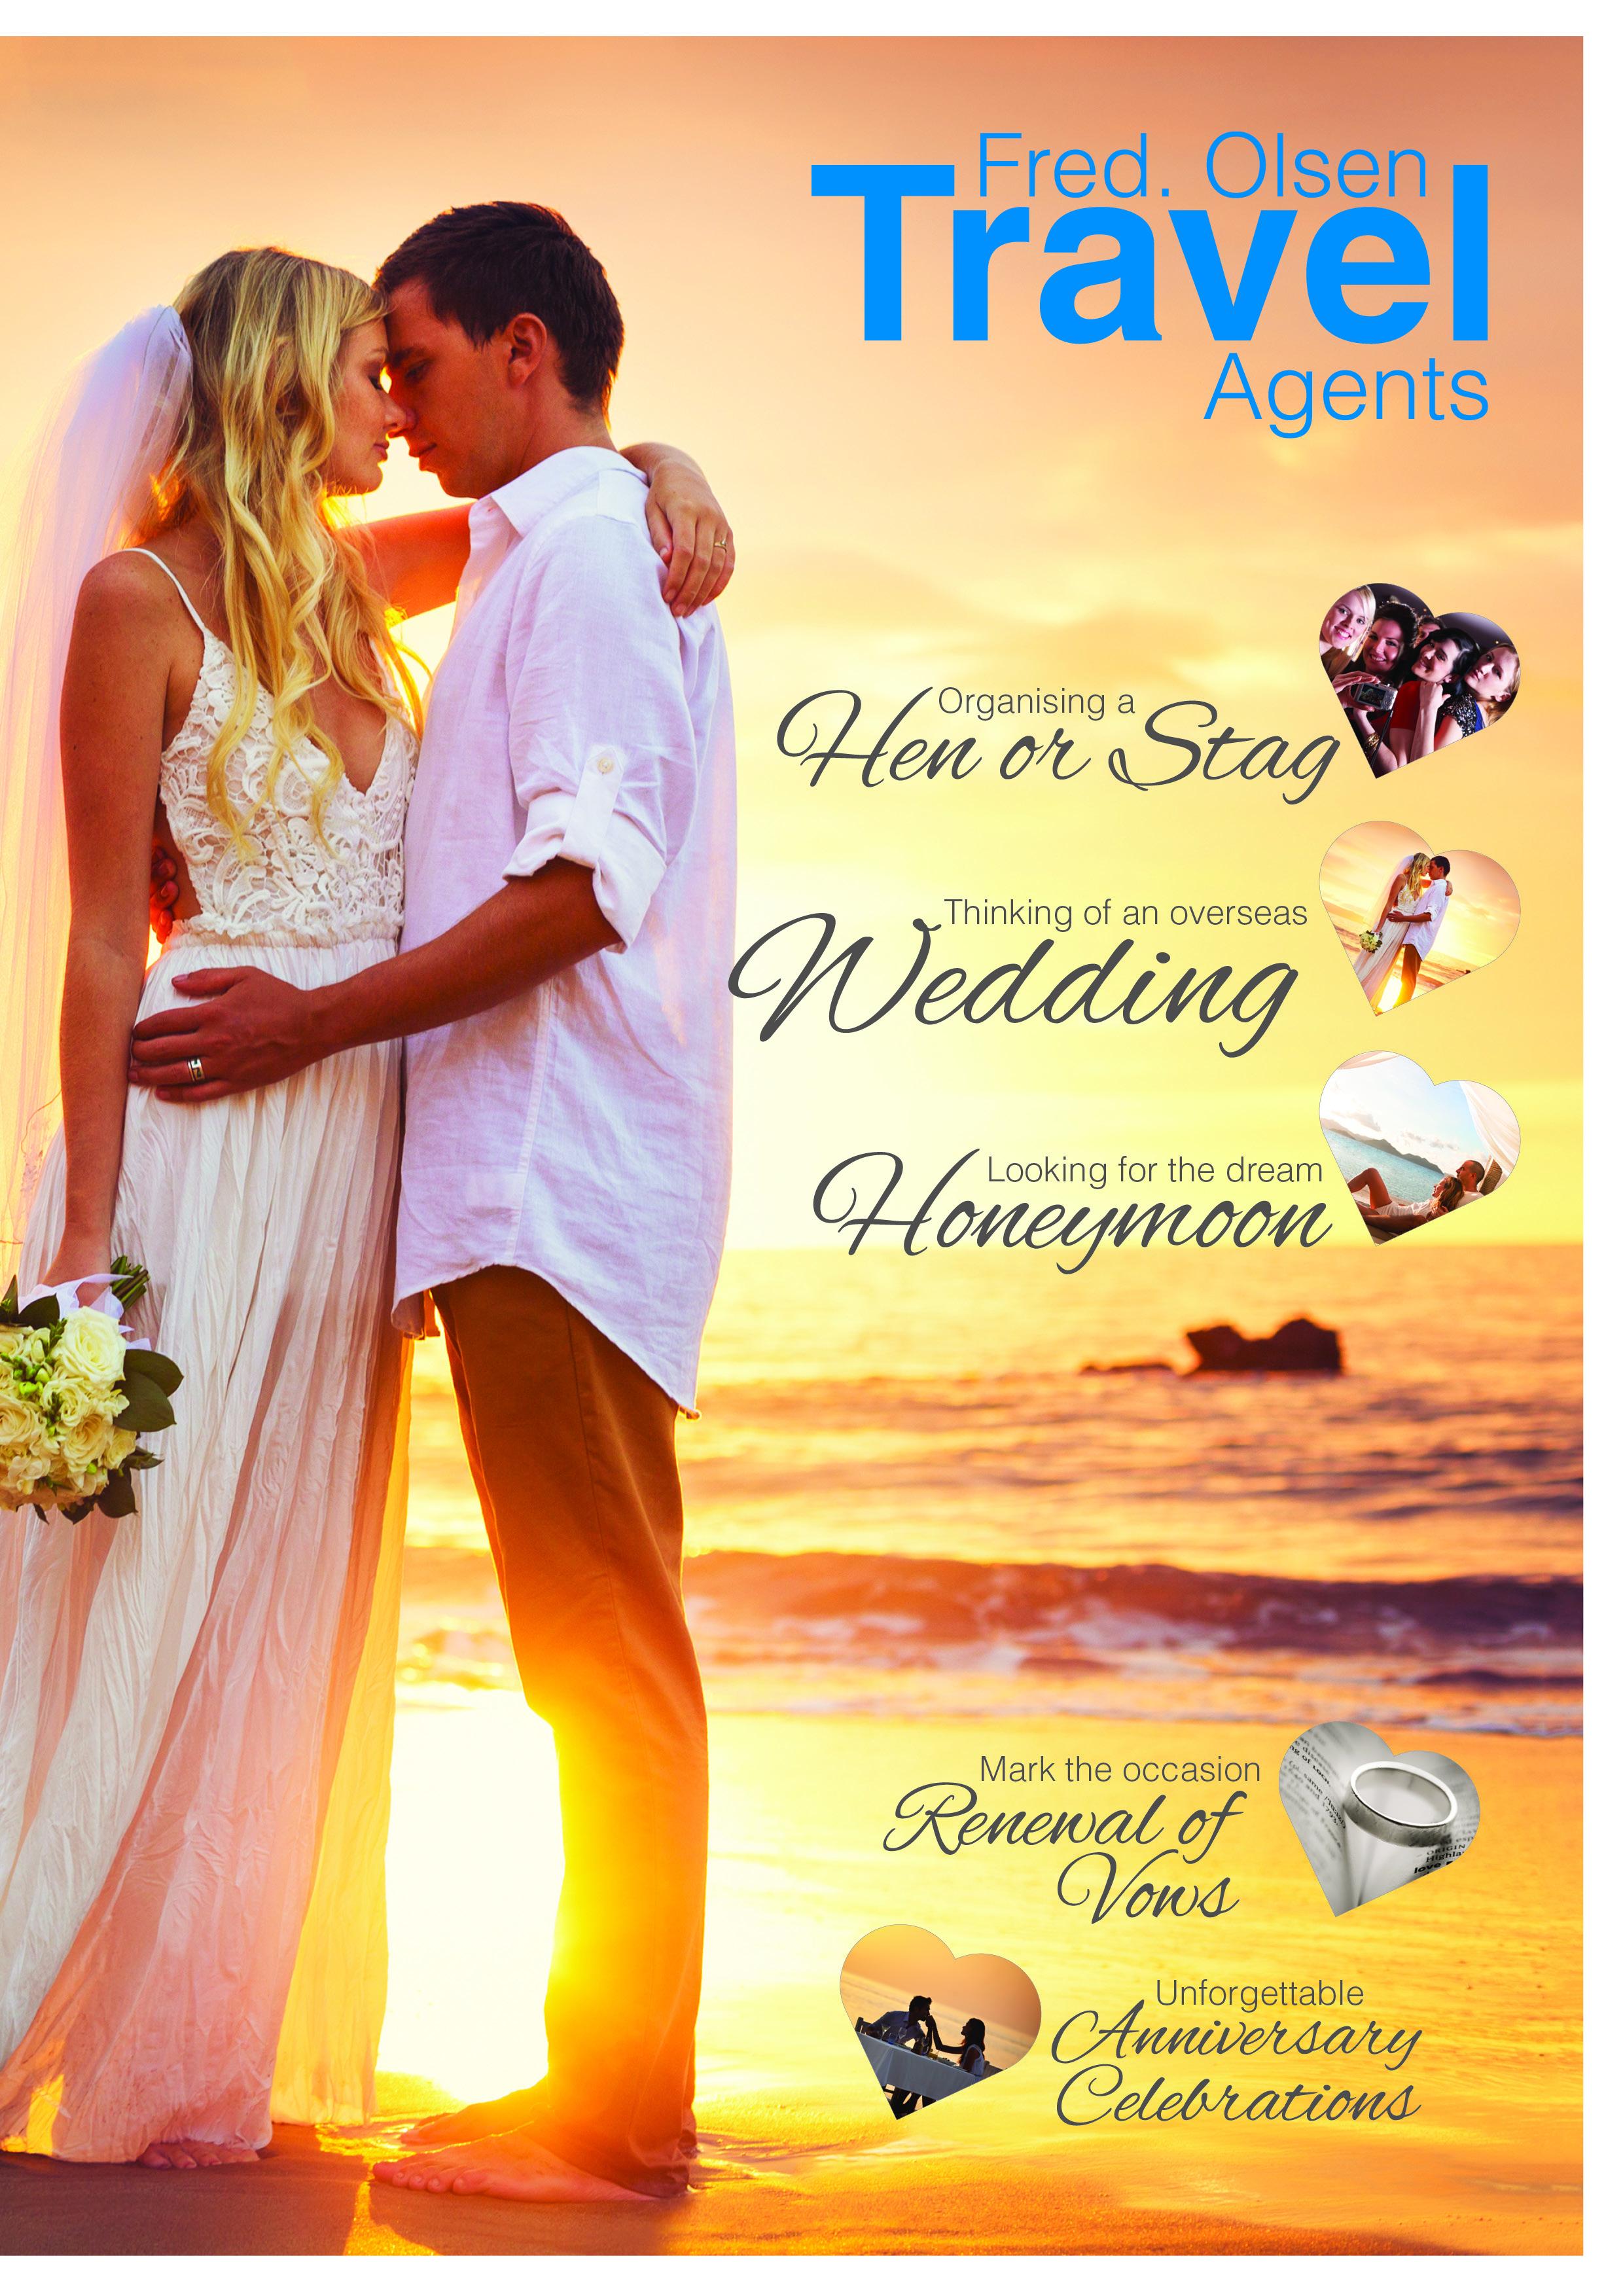 Wedding and Honeymoon brochure East Anglia